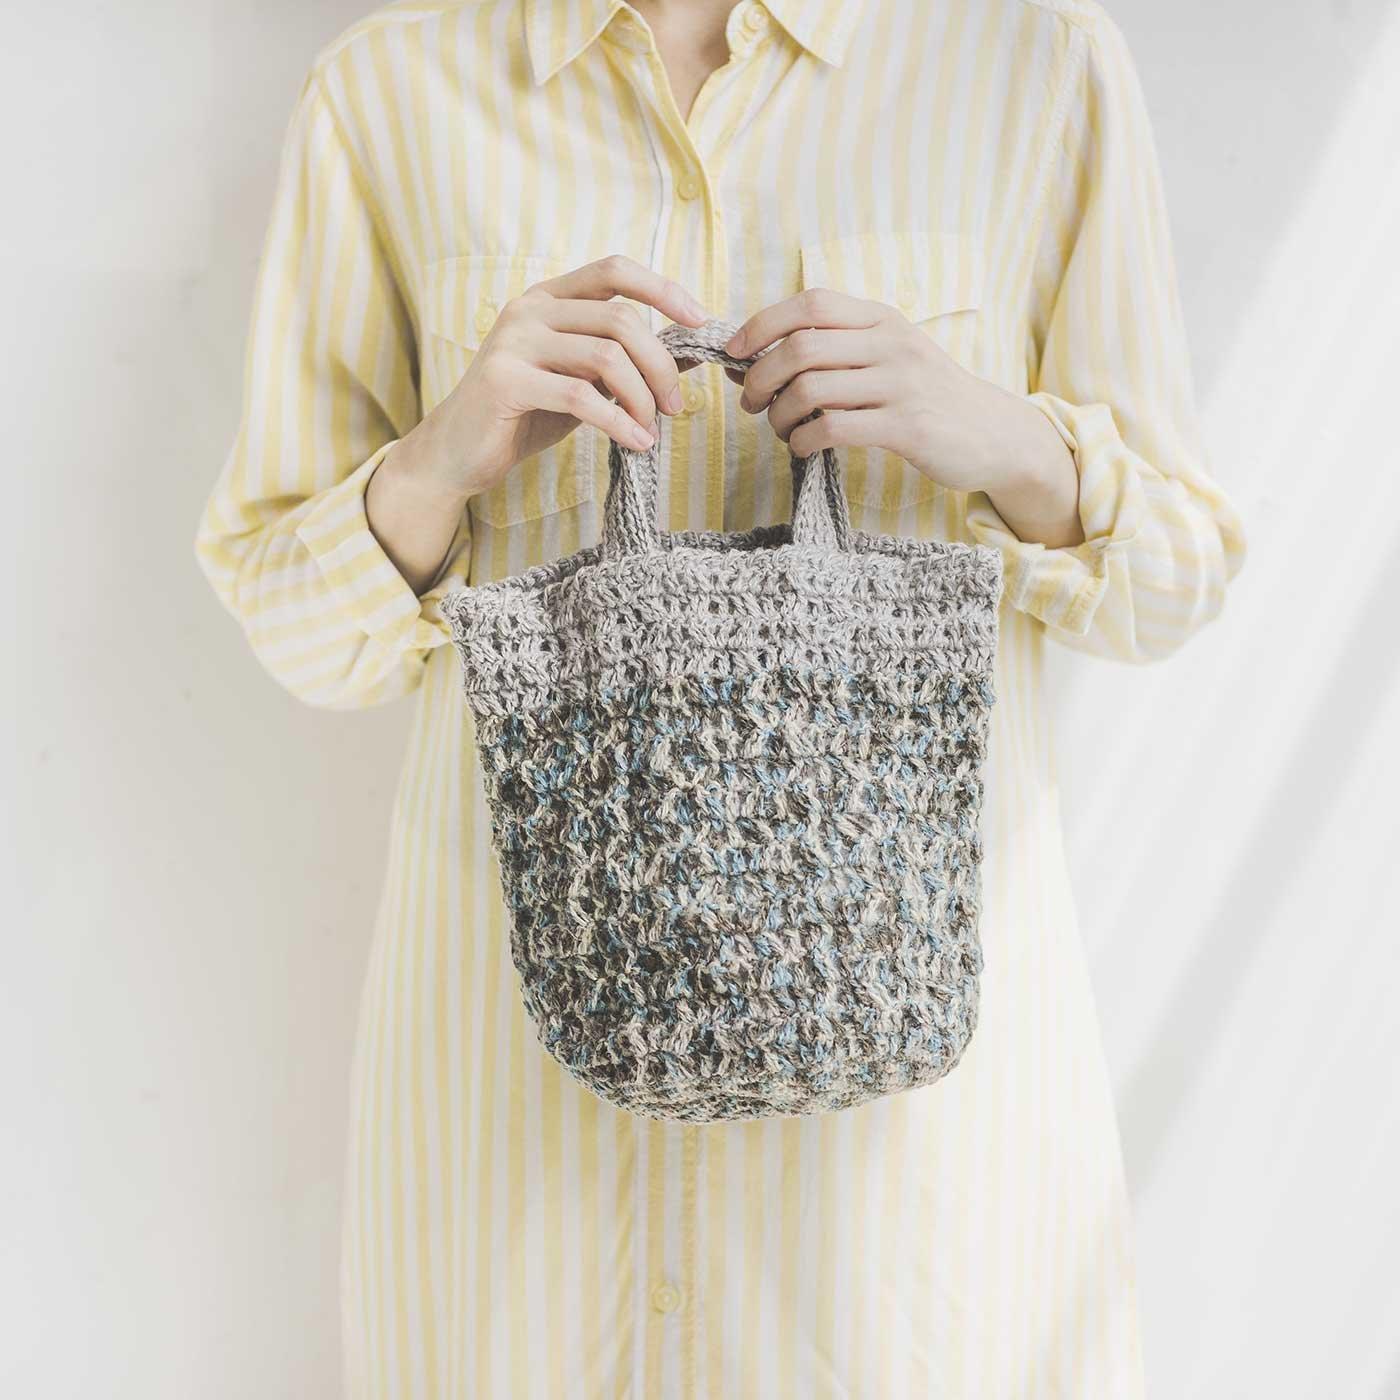 ナチュラルな糸ケナフで編む 丸底トートバッグキット